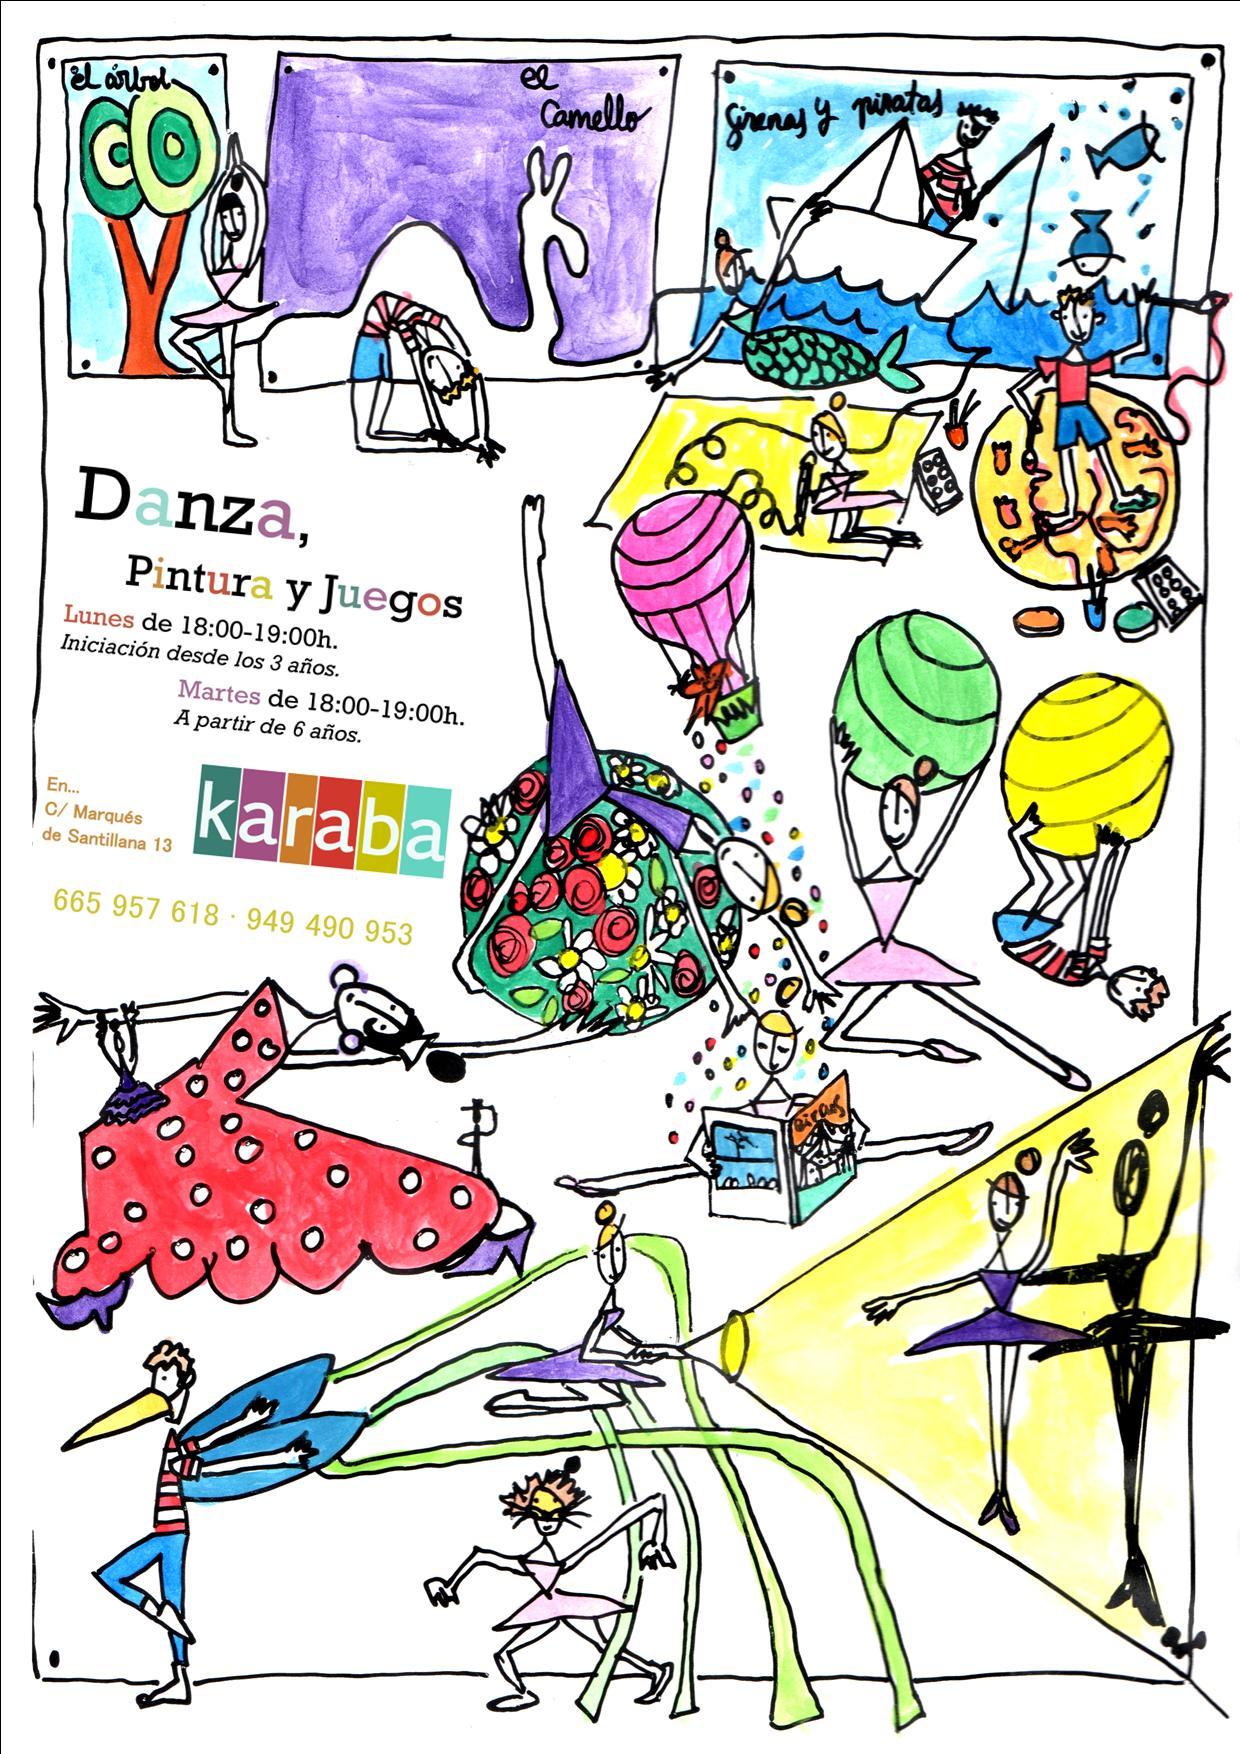 Danza, pintura y Juegos en Espacio Karaba